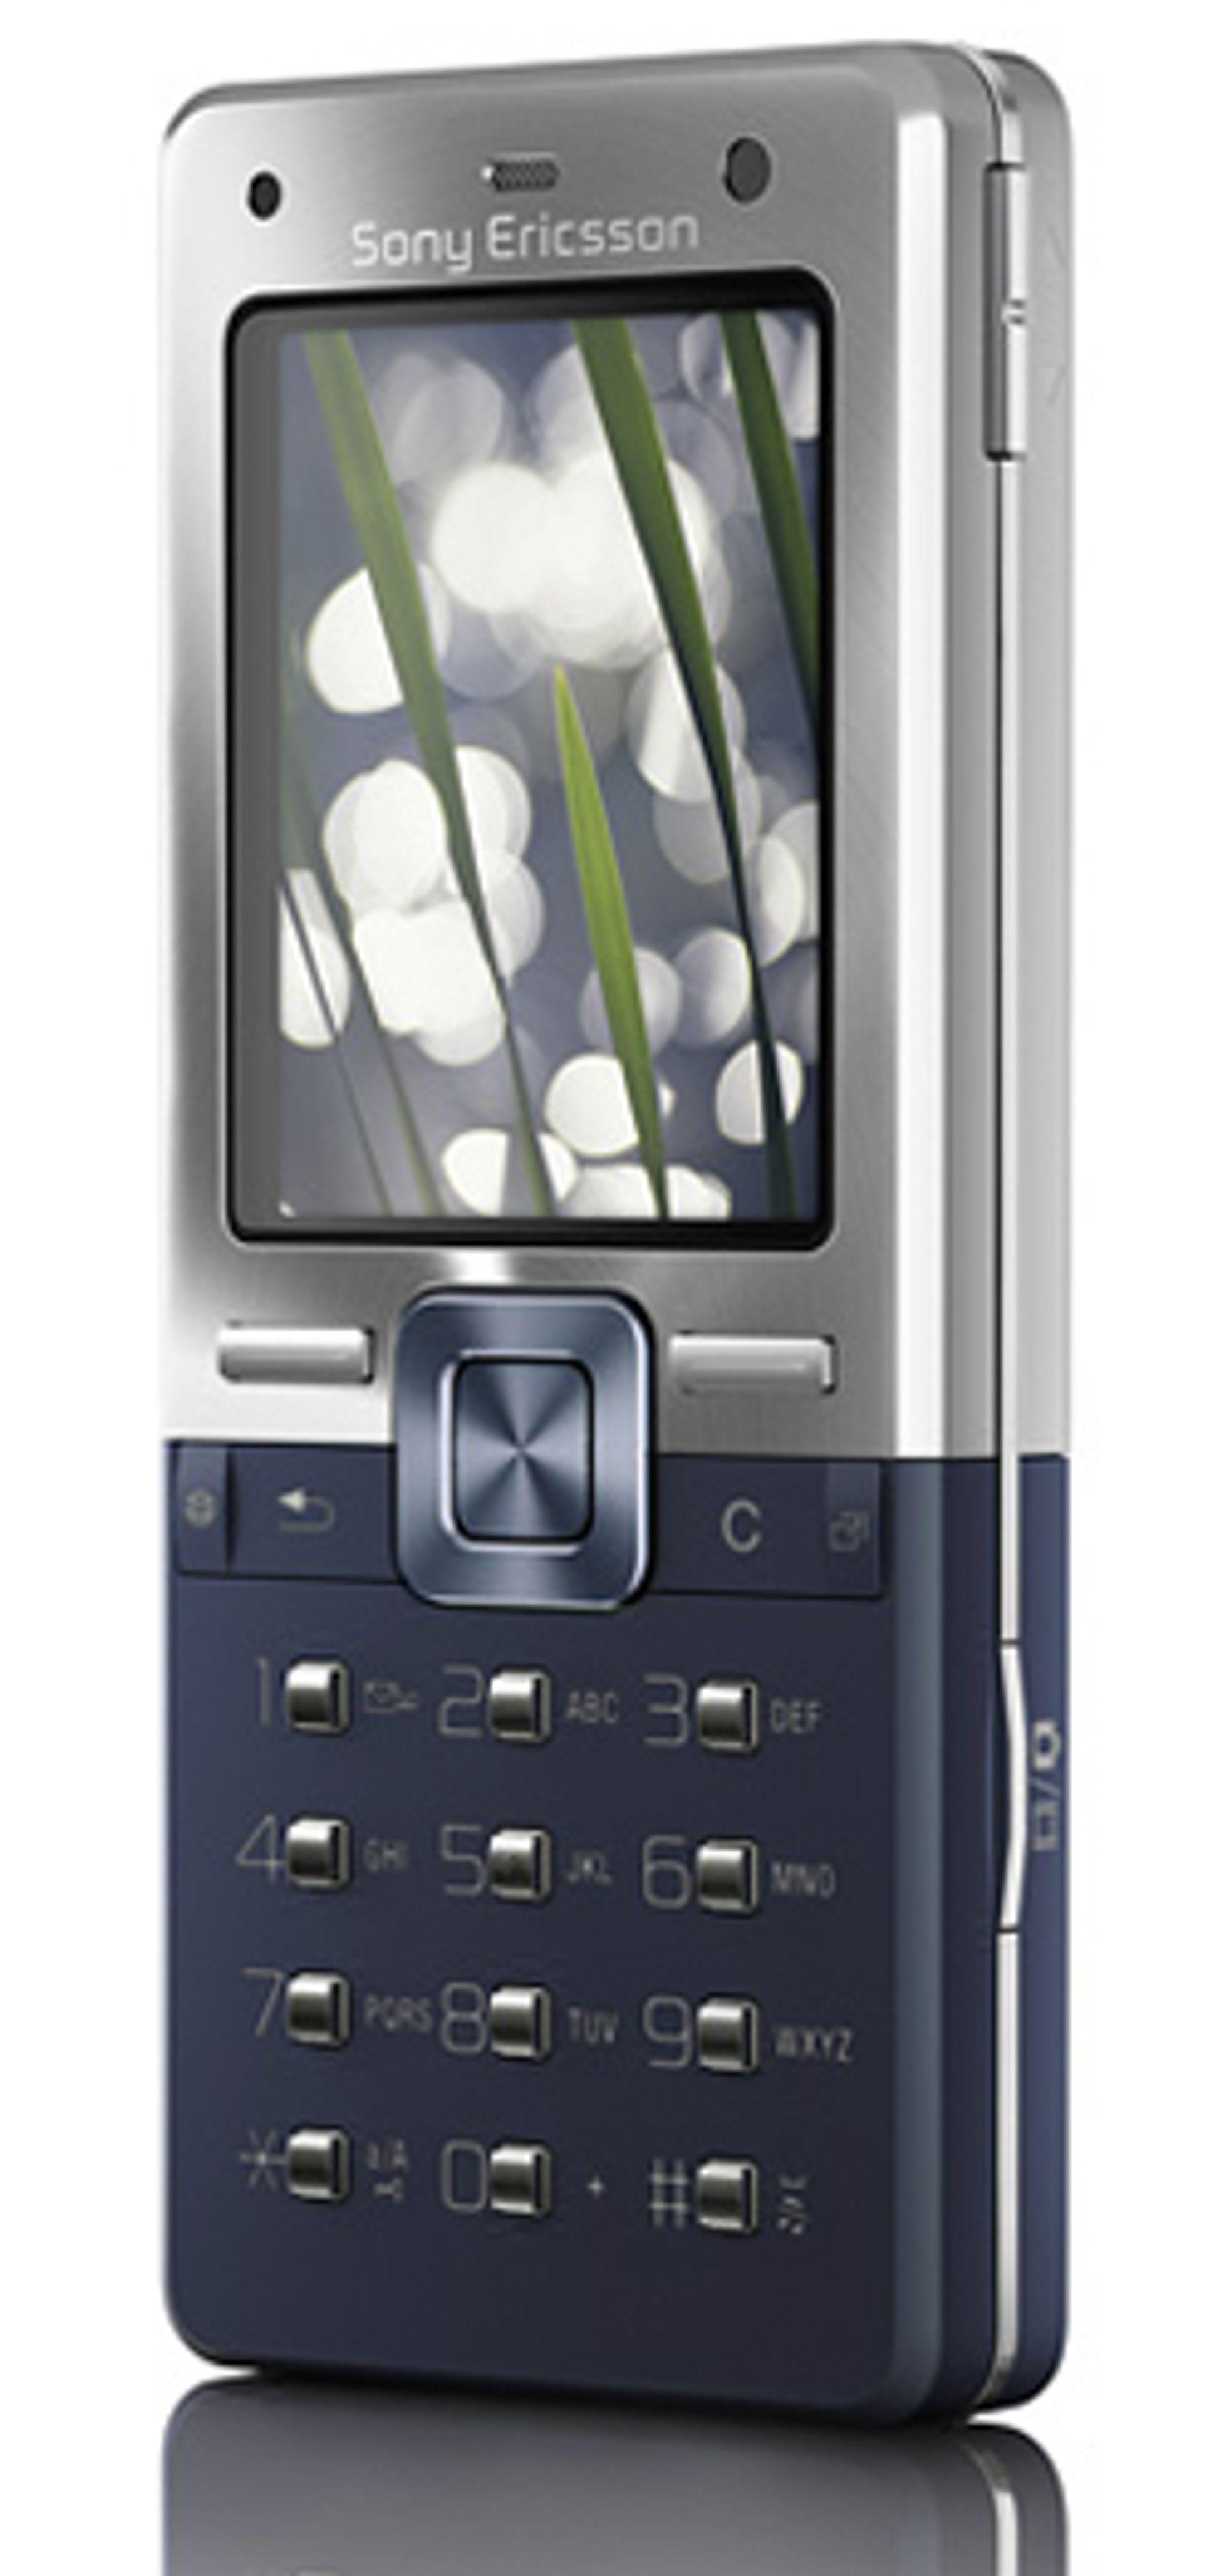 Selskapet selger færre telefoner som denne. (Foto: Sony Ericsson)